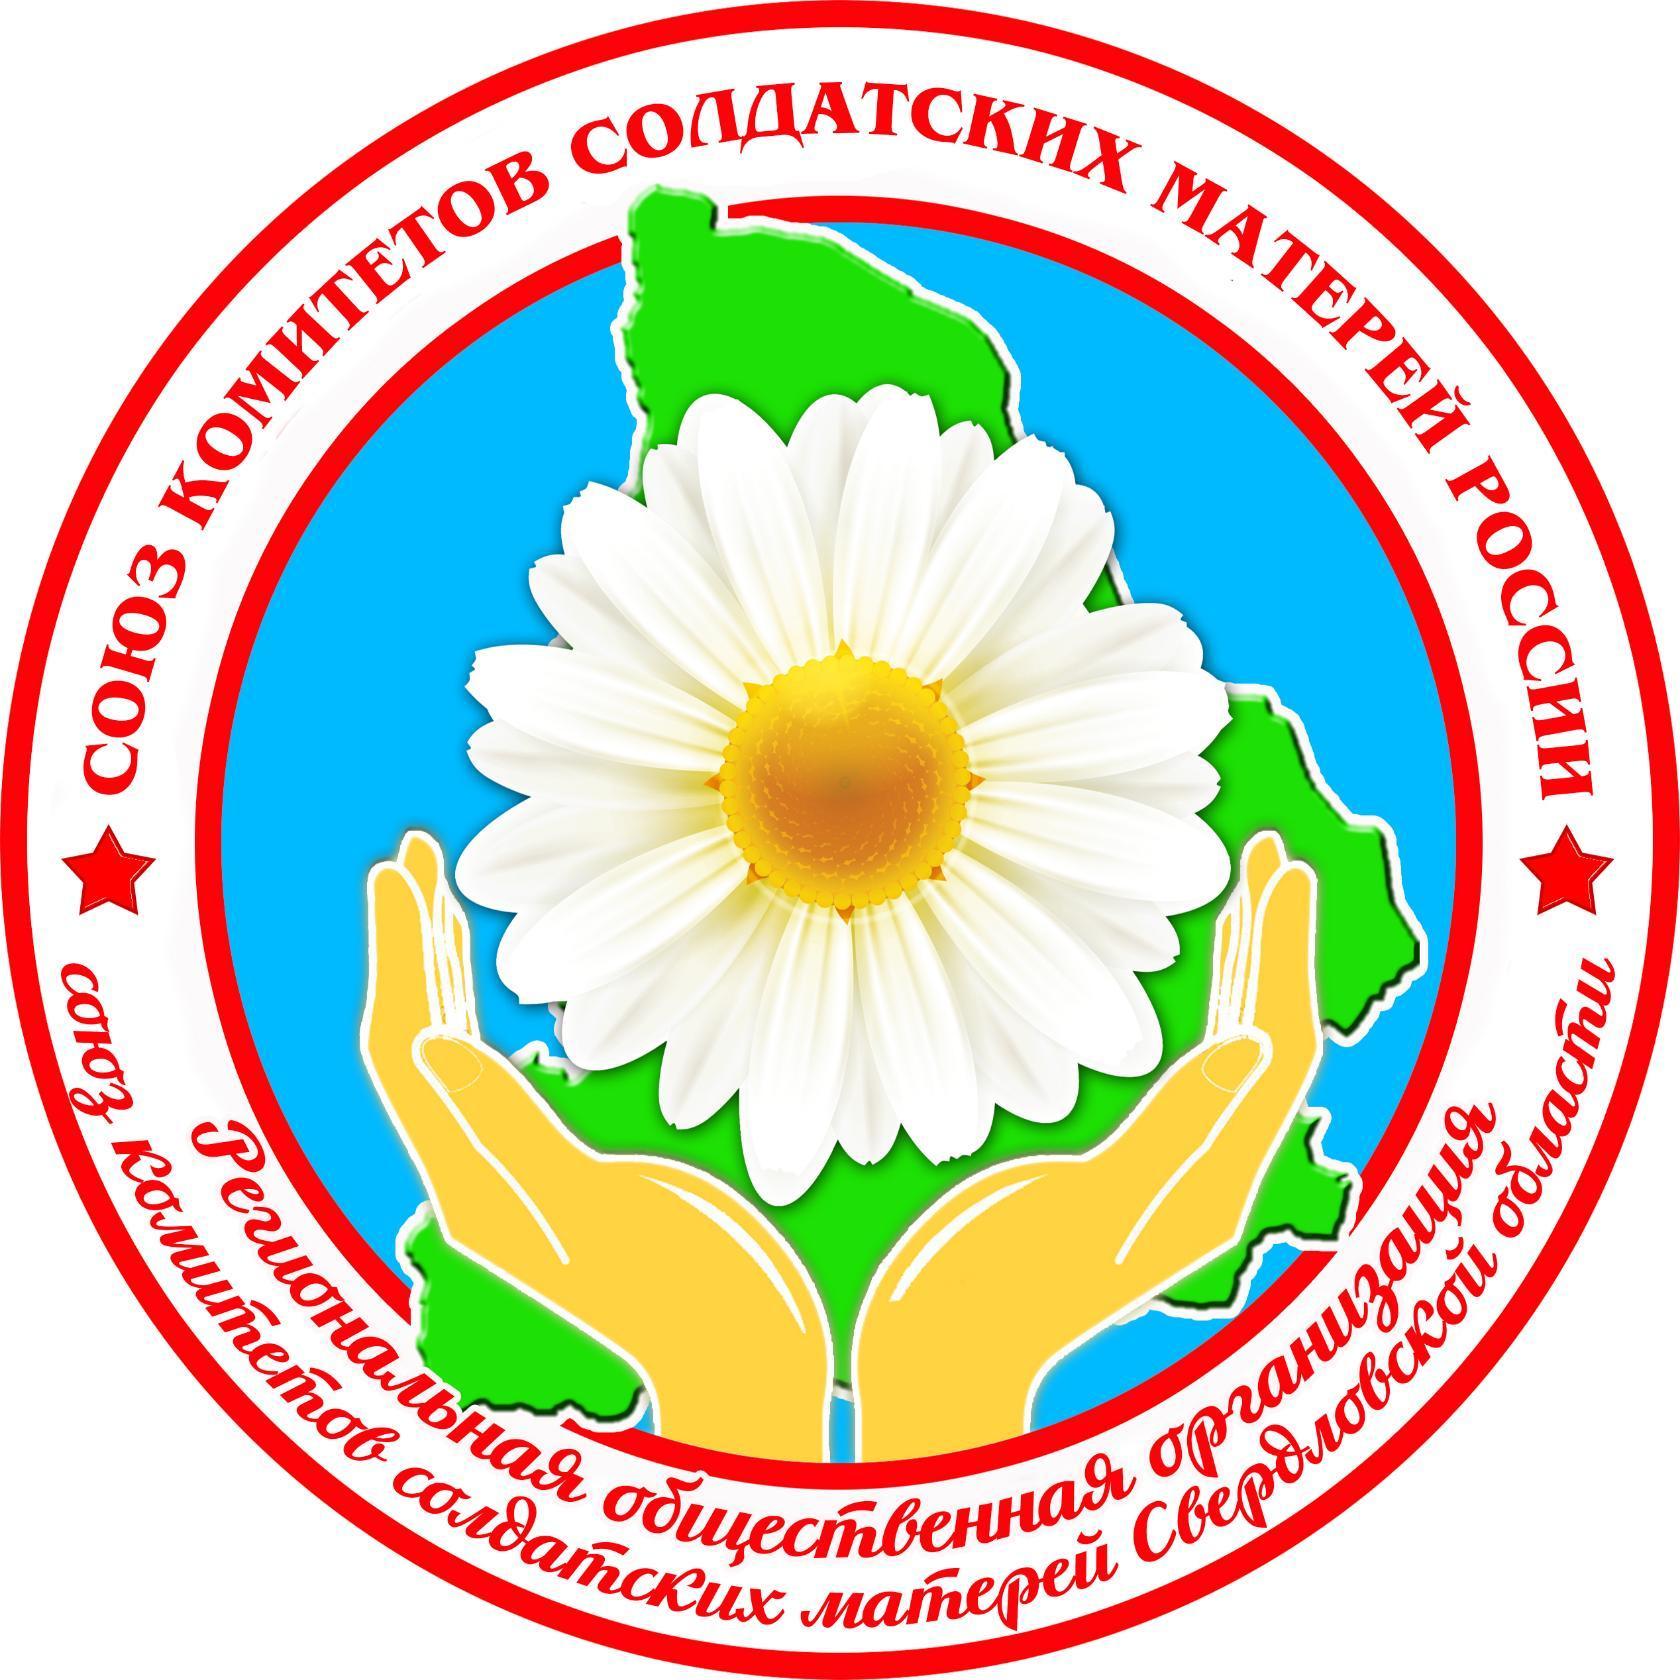 Союз комитетов солдатских матерей Свердловской области